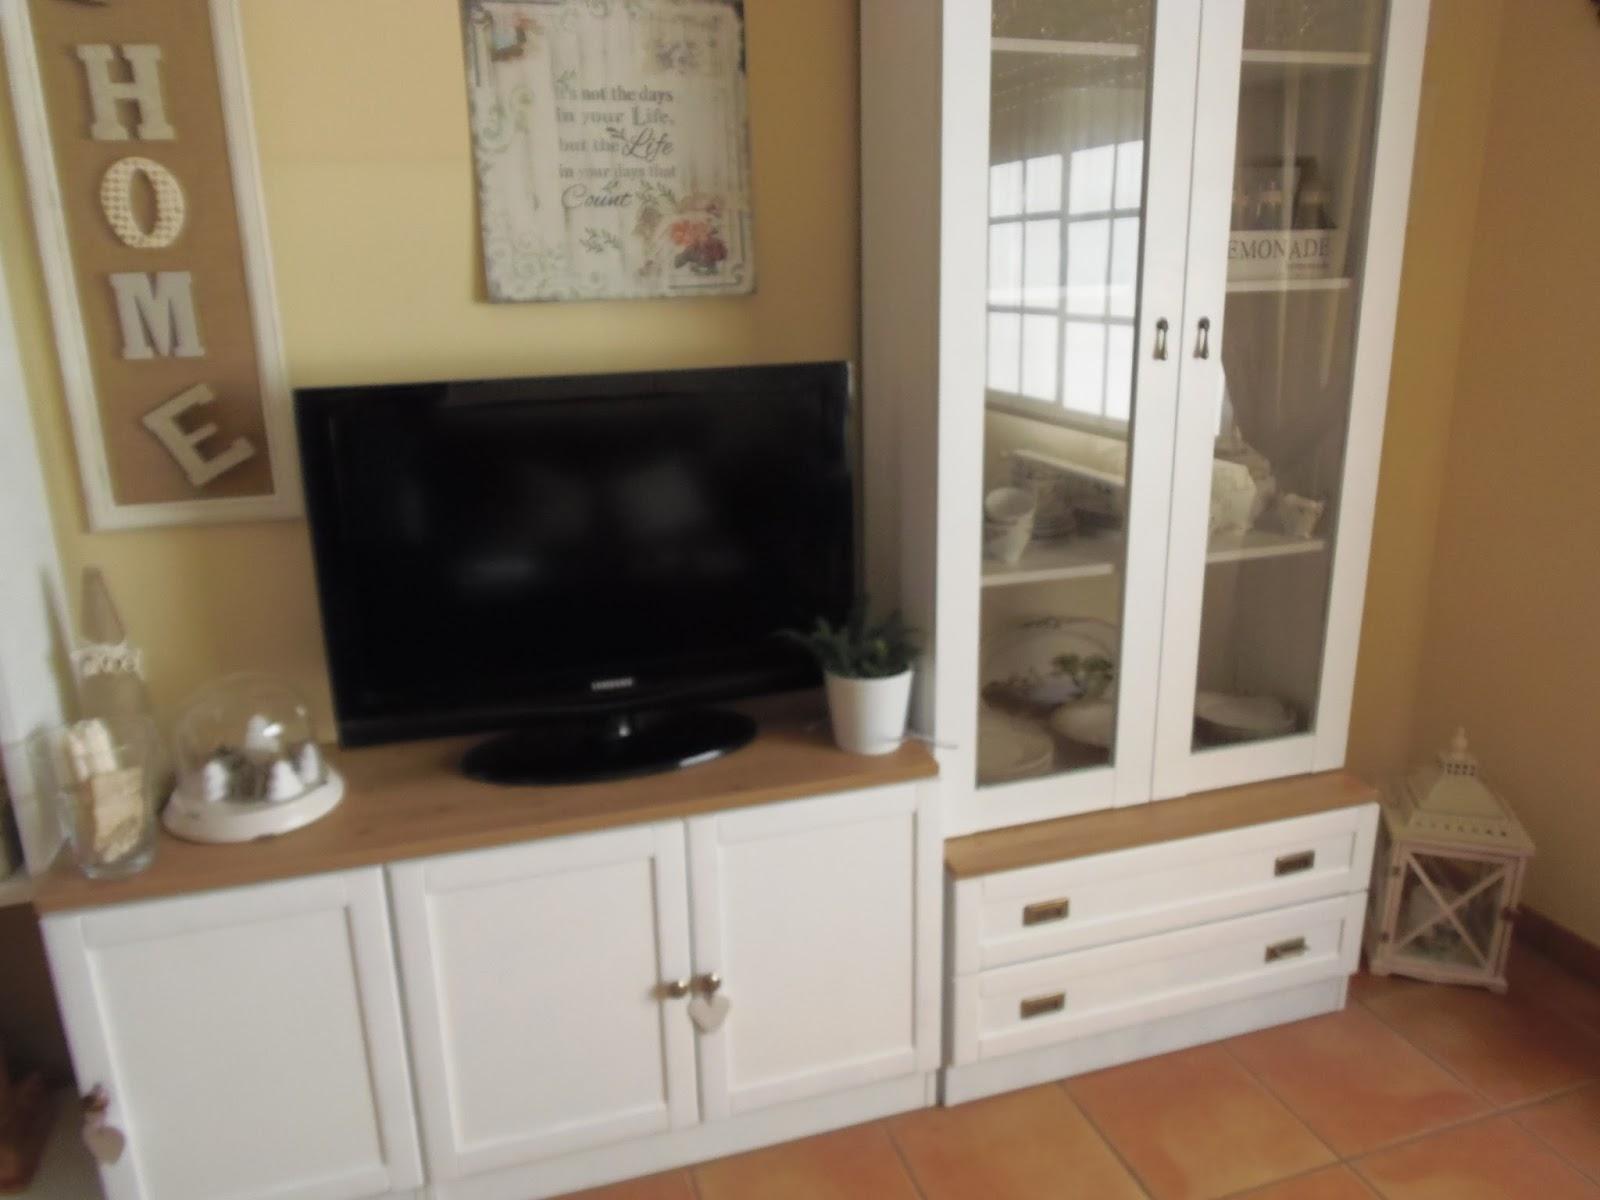 Lascosasdeleni tuneo mueble y feliz navidad - Como pintar un mueble en blanco ...